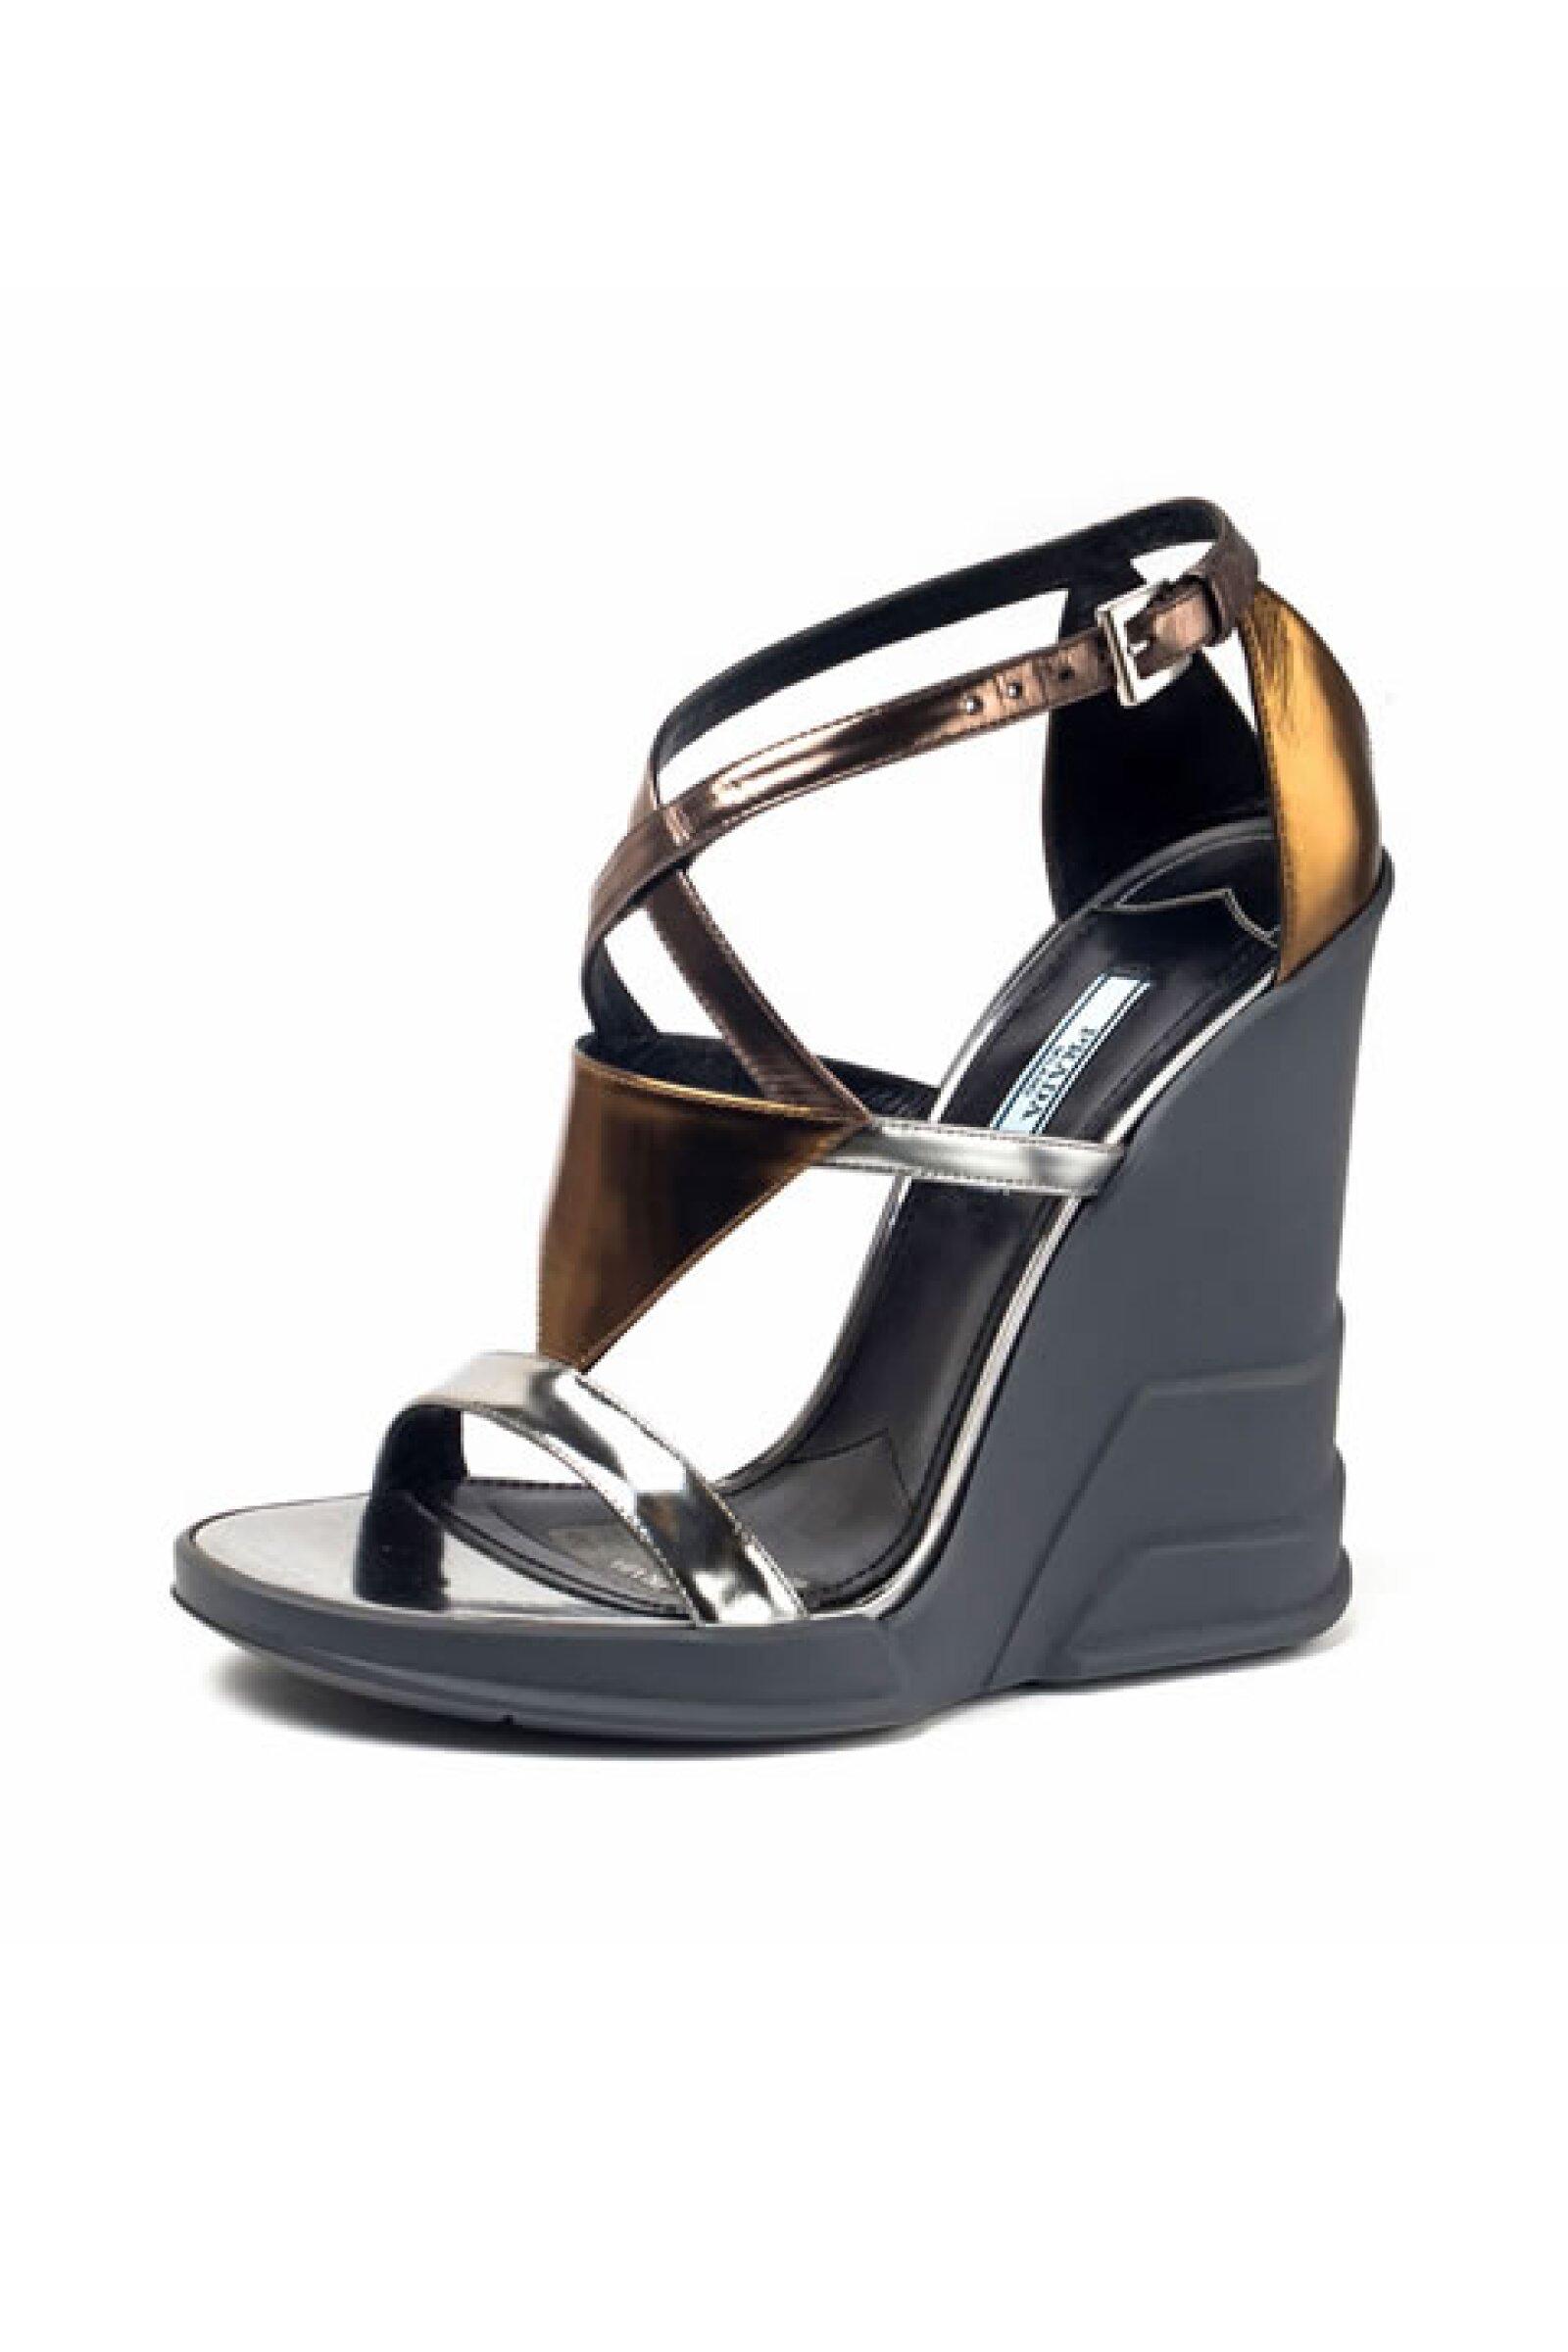 Si mantenemos la cabeza baja durante el desfile de Prada, no es porque la colección sea mediocre, sino porque sus zapatos nos roban la mirada.